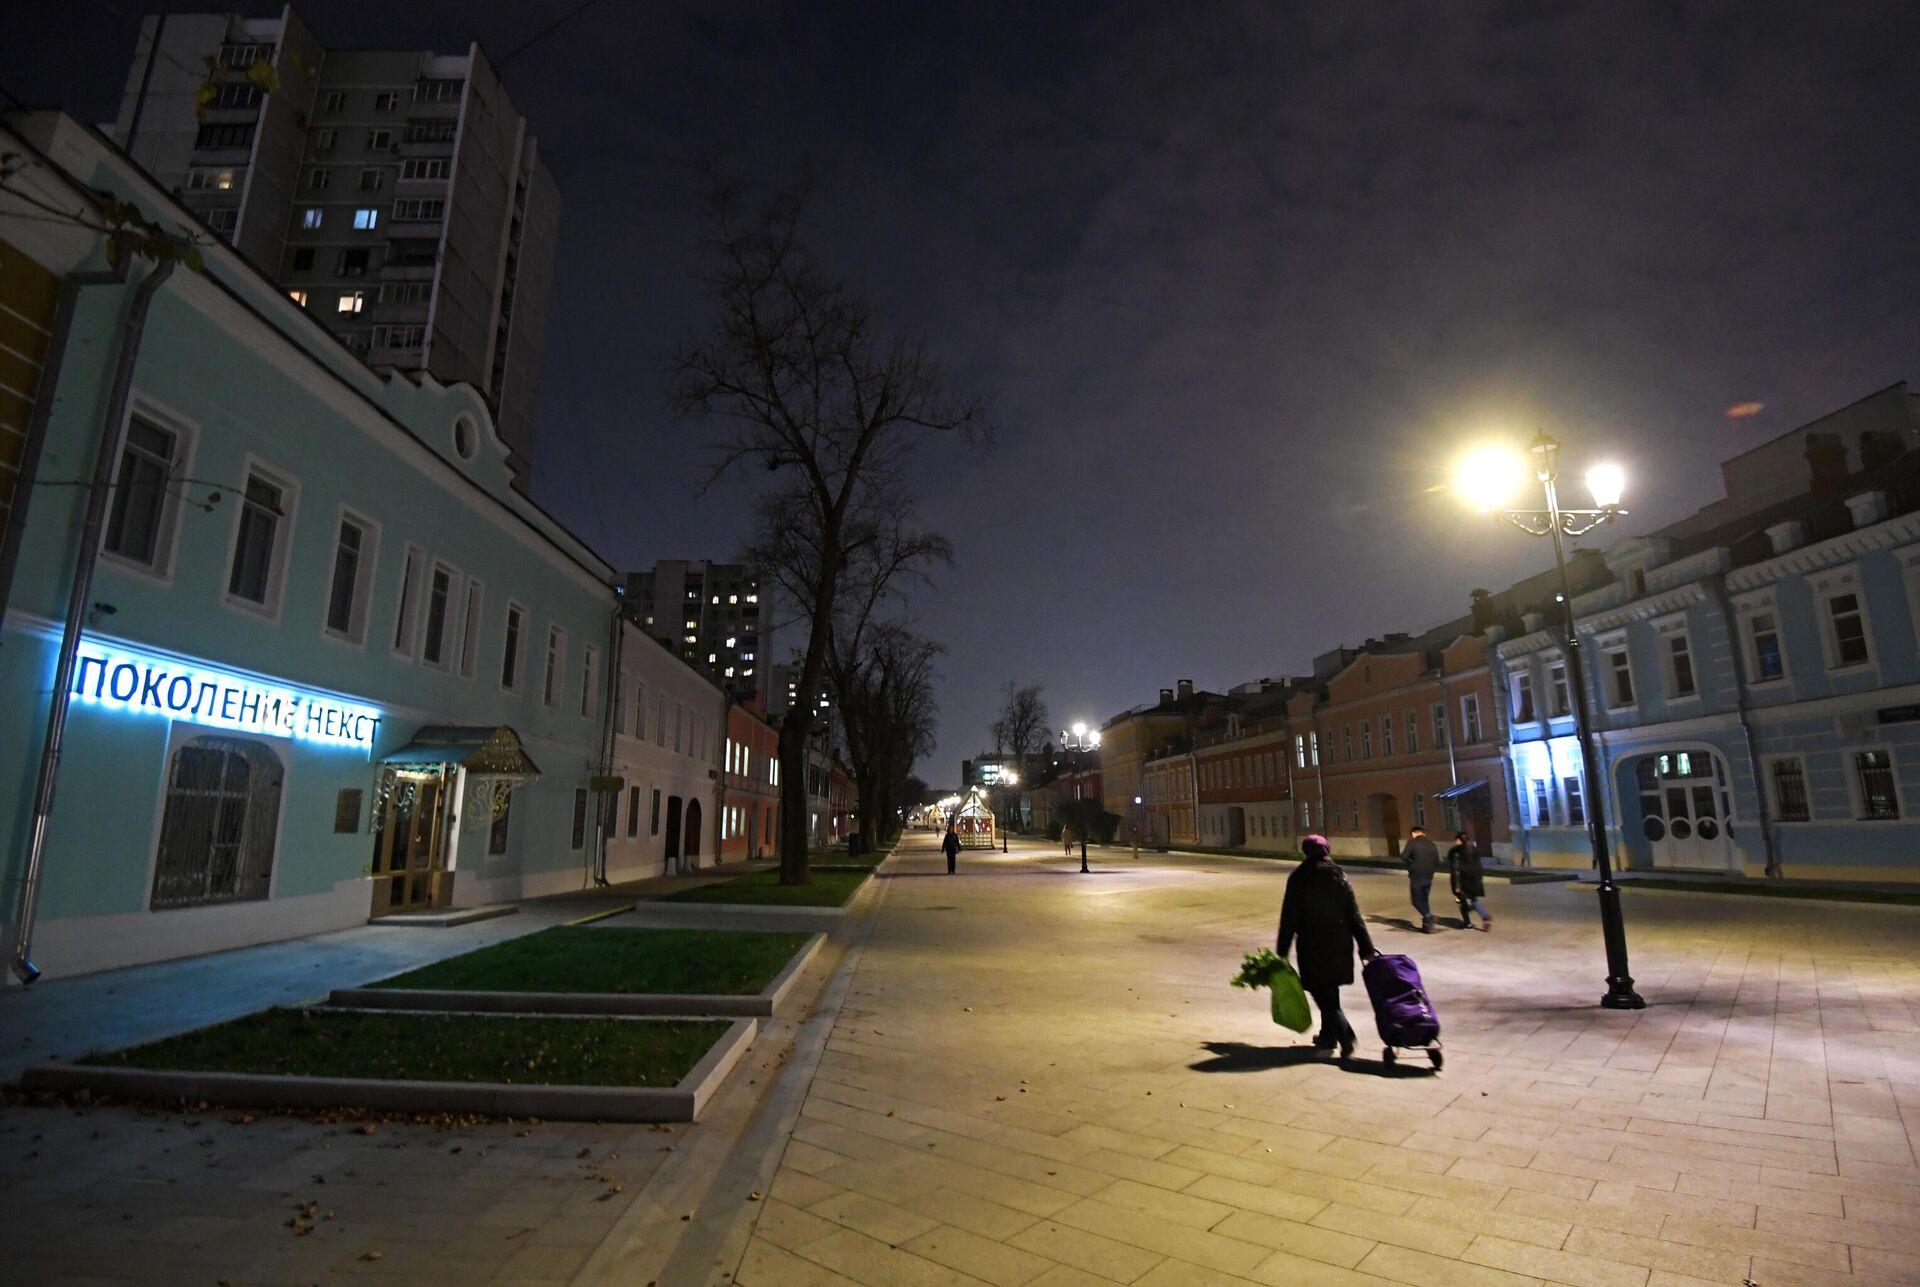 Улица Школьная в Москве - РИА Новости, 1920, 05.07.2021